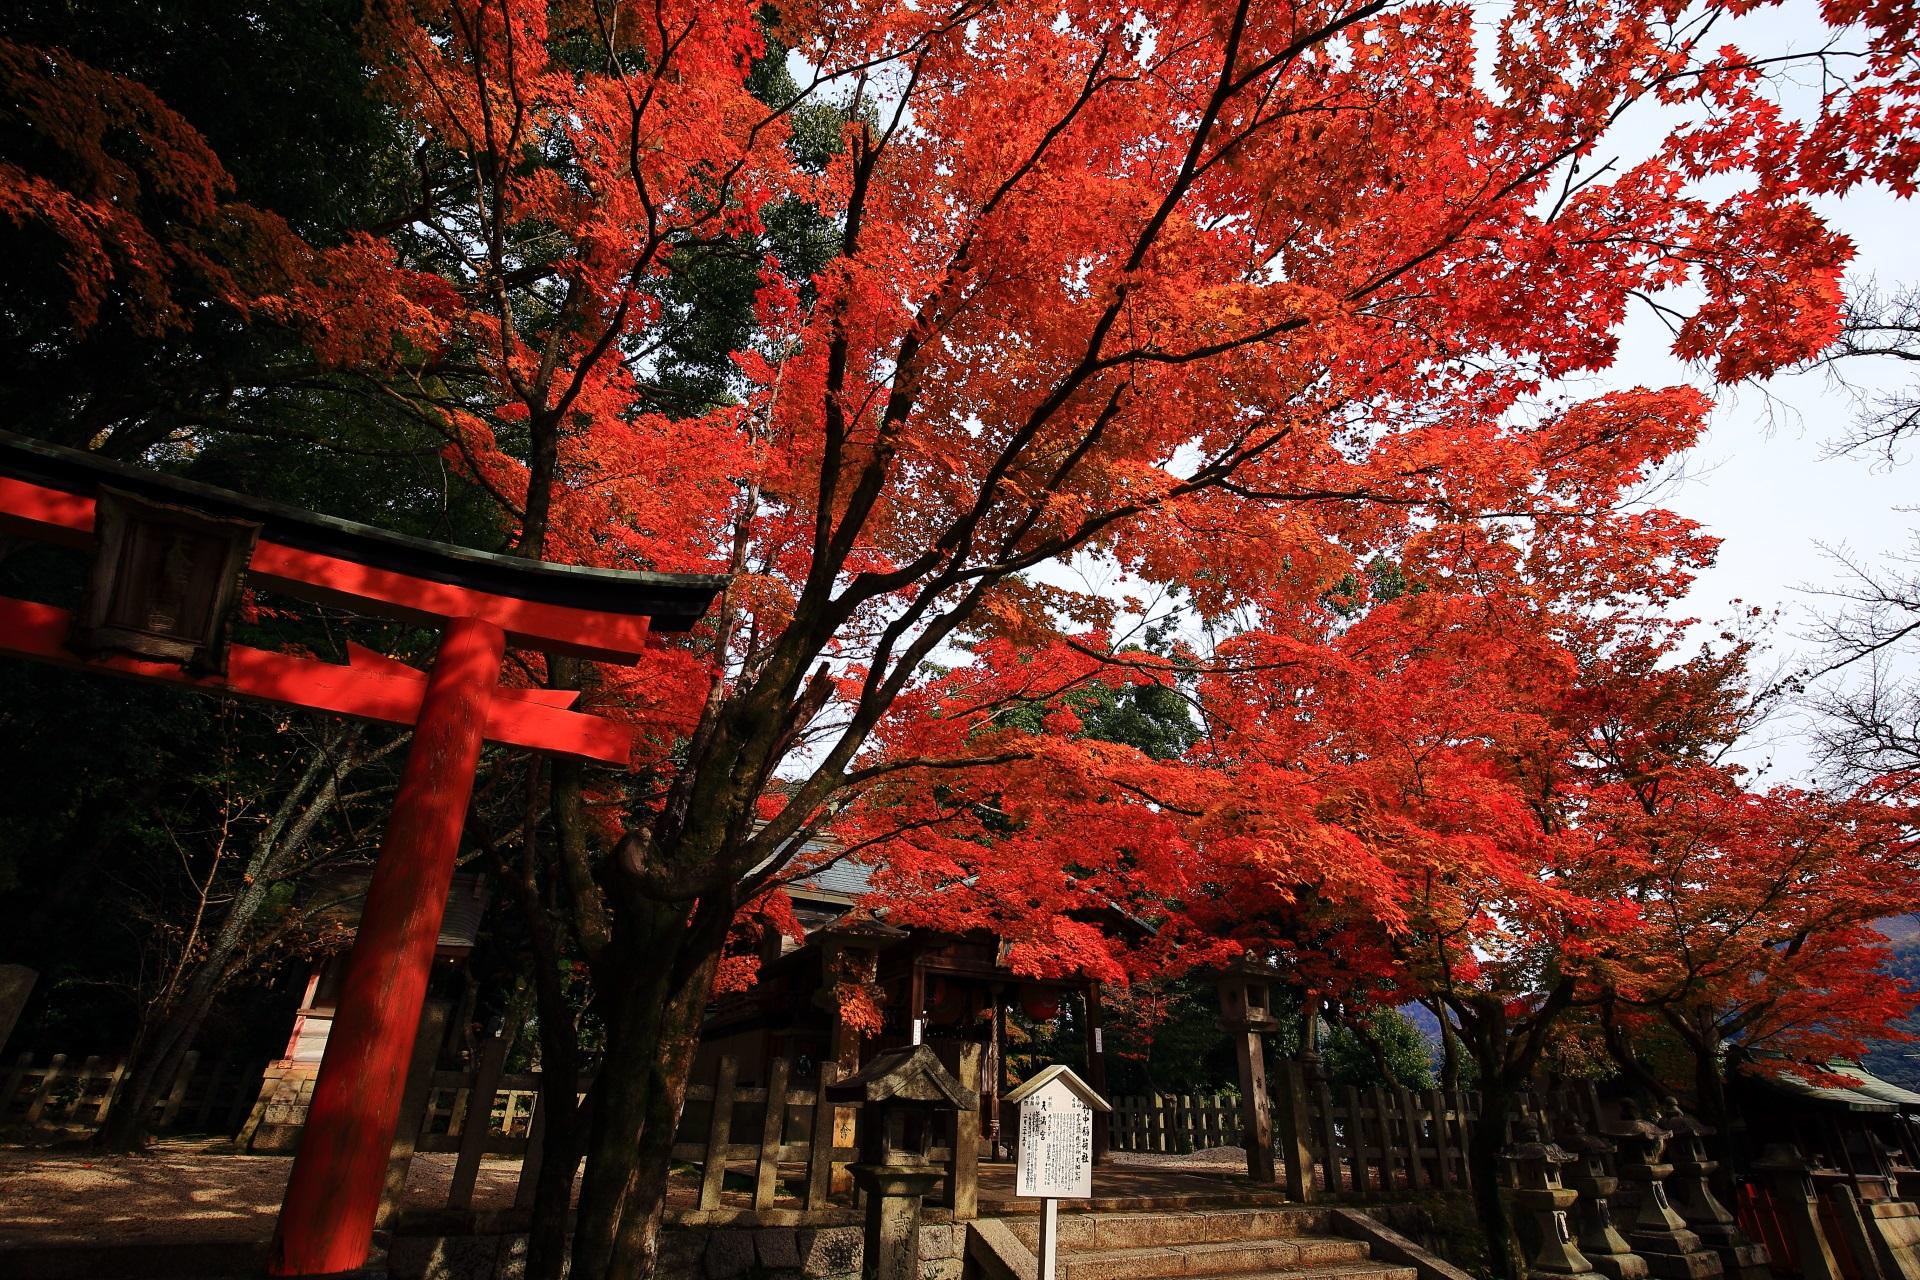 本殿前の溢れ出す見事な紅葉